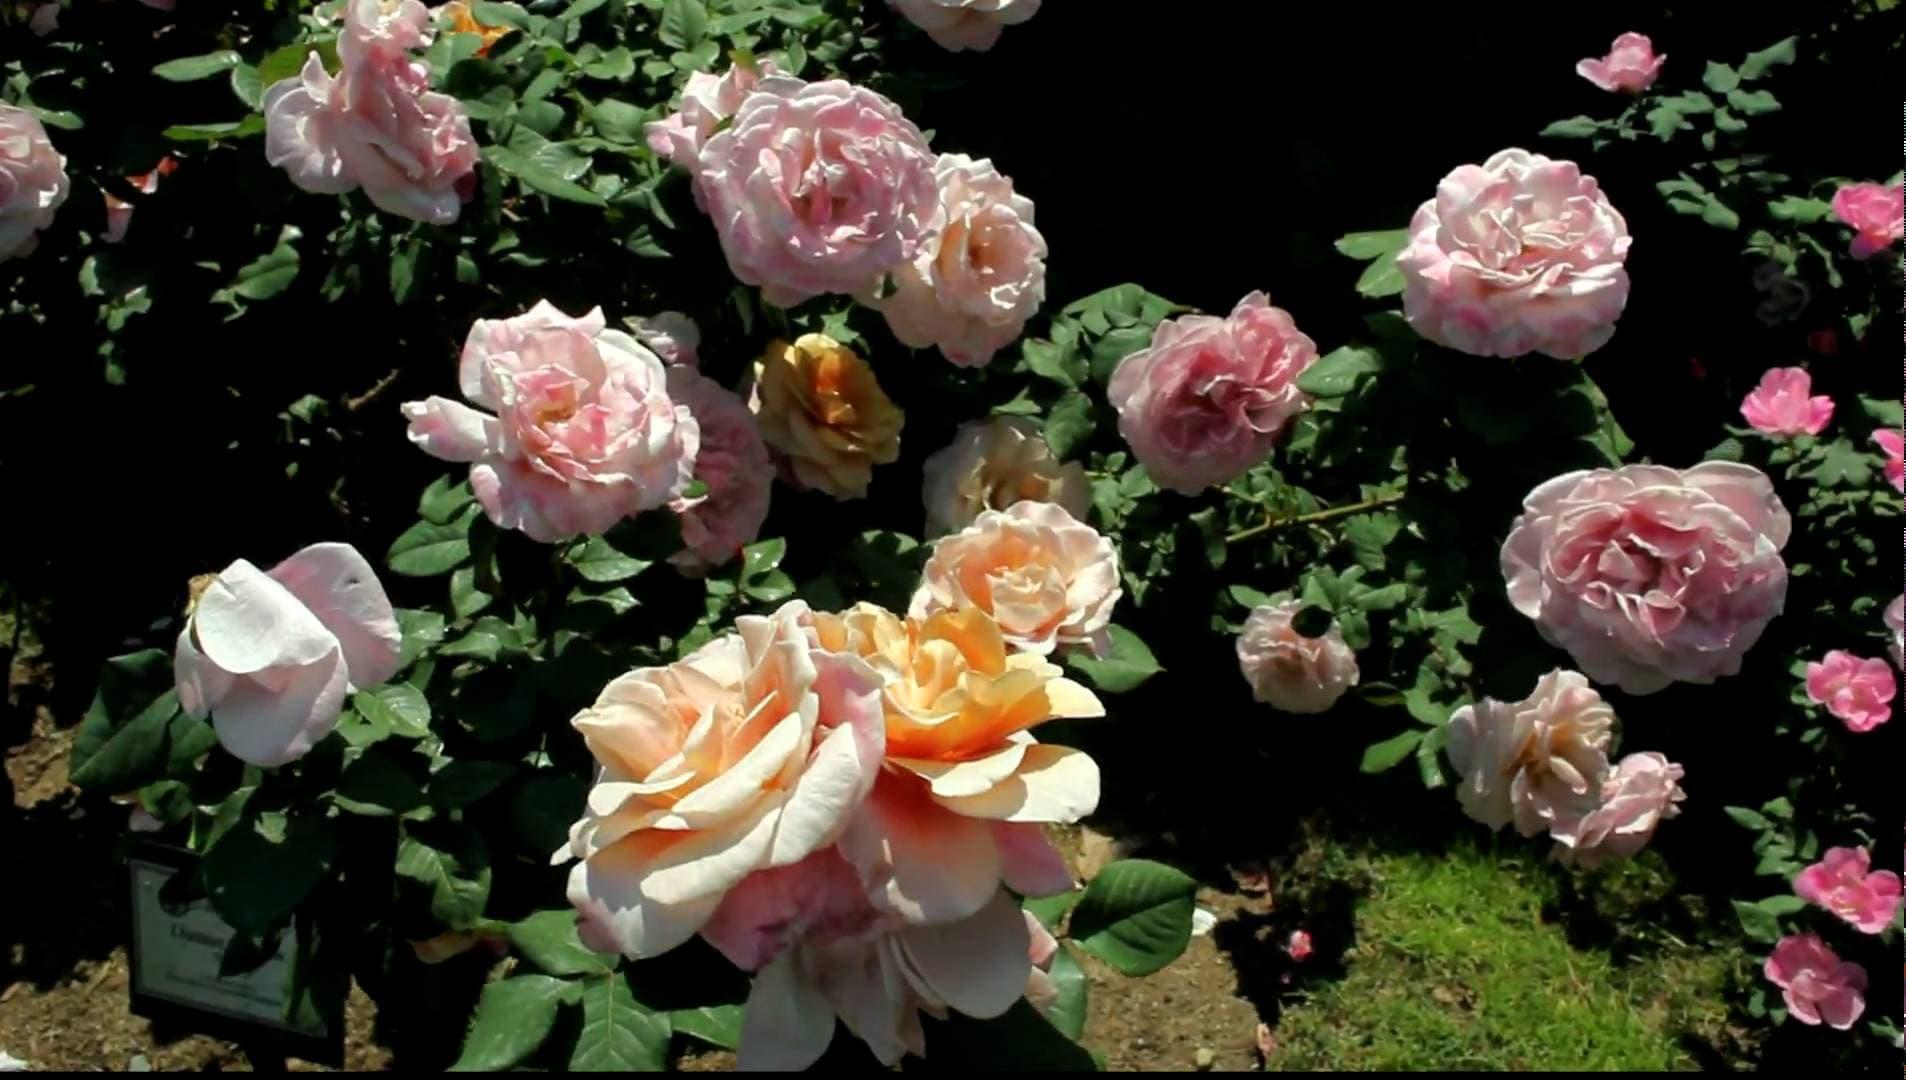 Описание лучших сортов розы грандифлора, технология выращивания